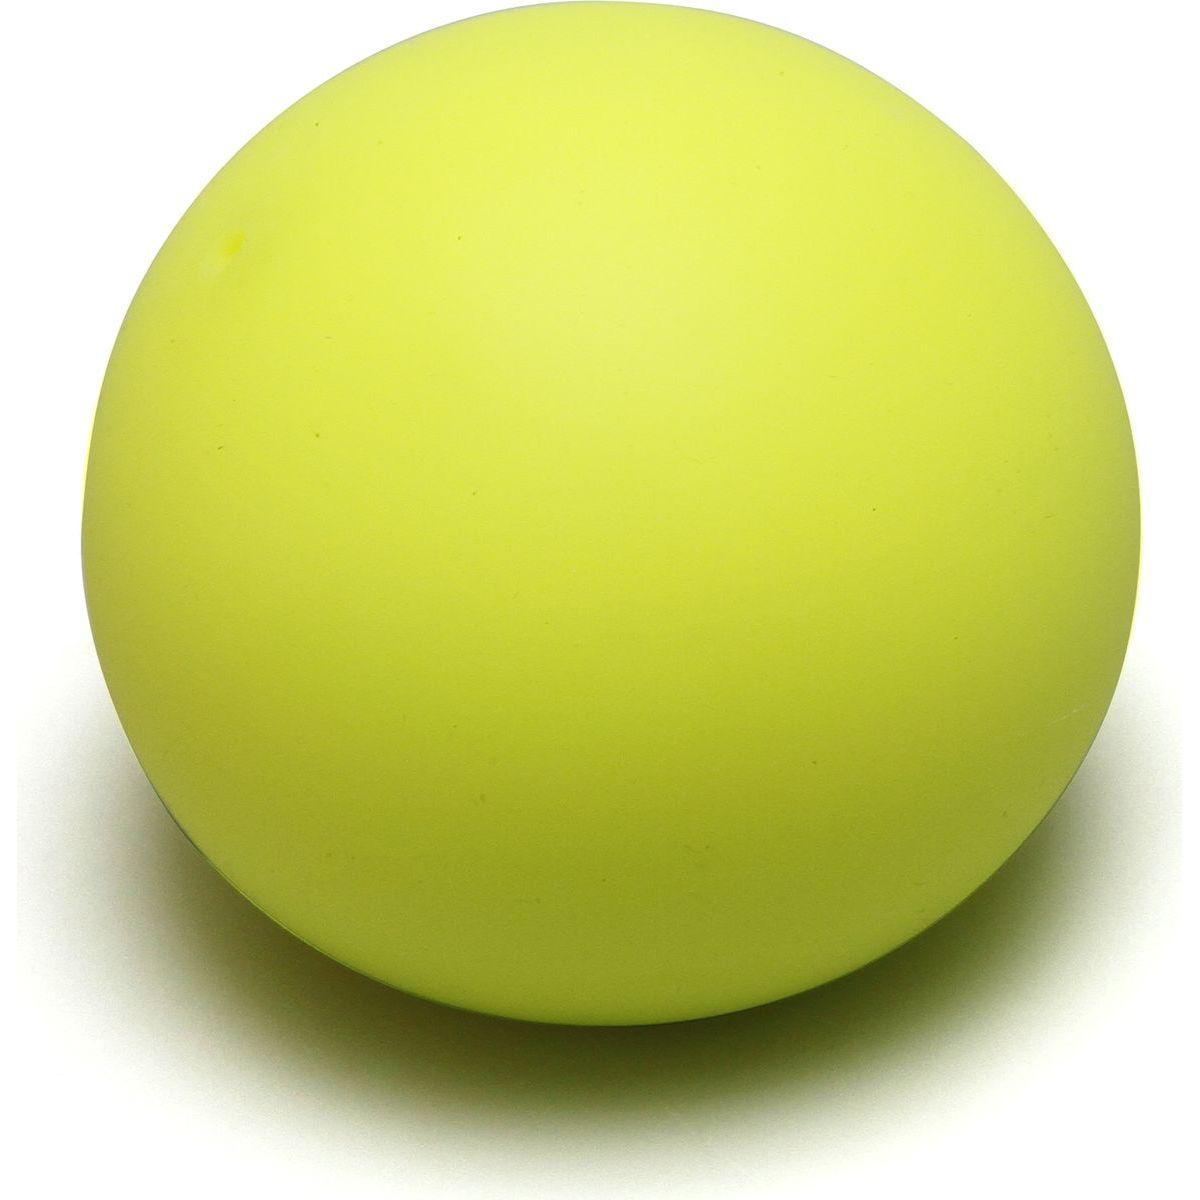 Antistresový míček 6,5 cm svítící ve tmě žlutý